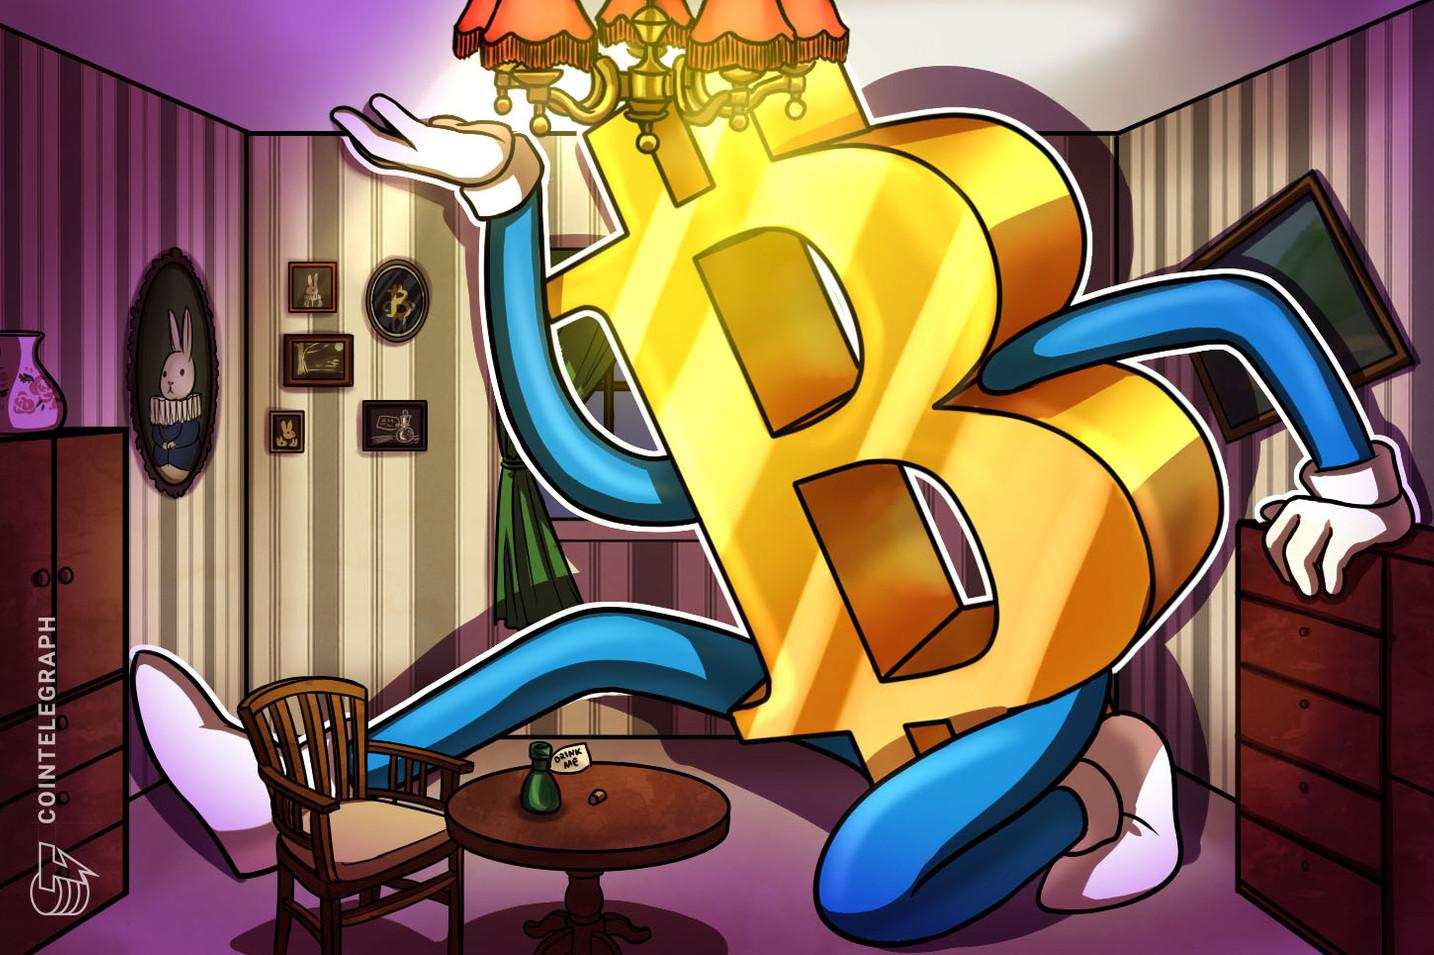 """La """"cuña perfecta"""" hace más probable que nunca que Bitcoin llegue a USD 1 millón, afirma Raoul Pal"""